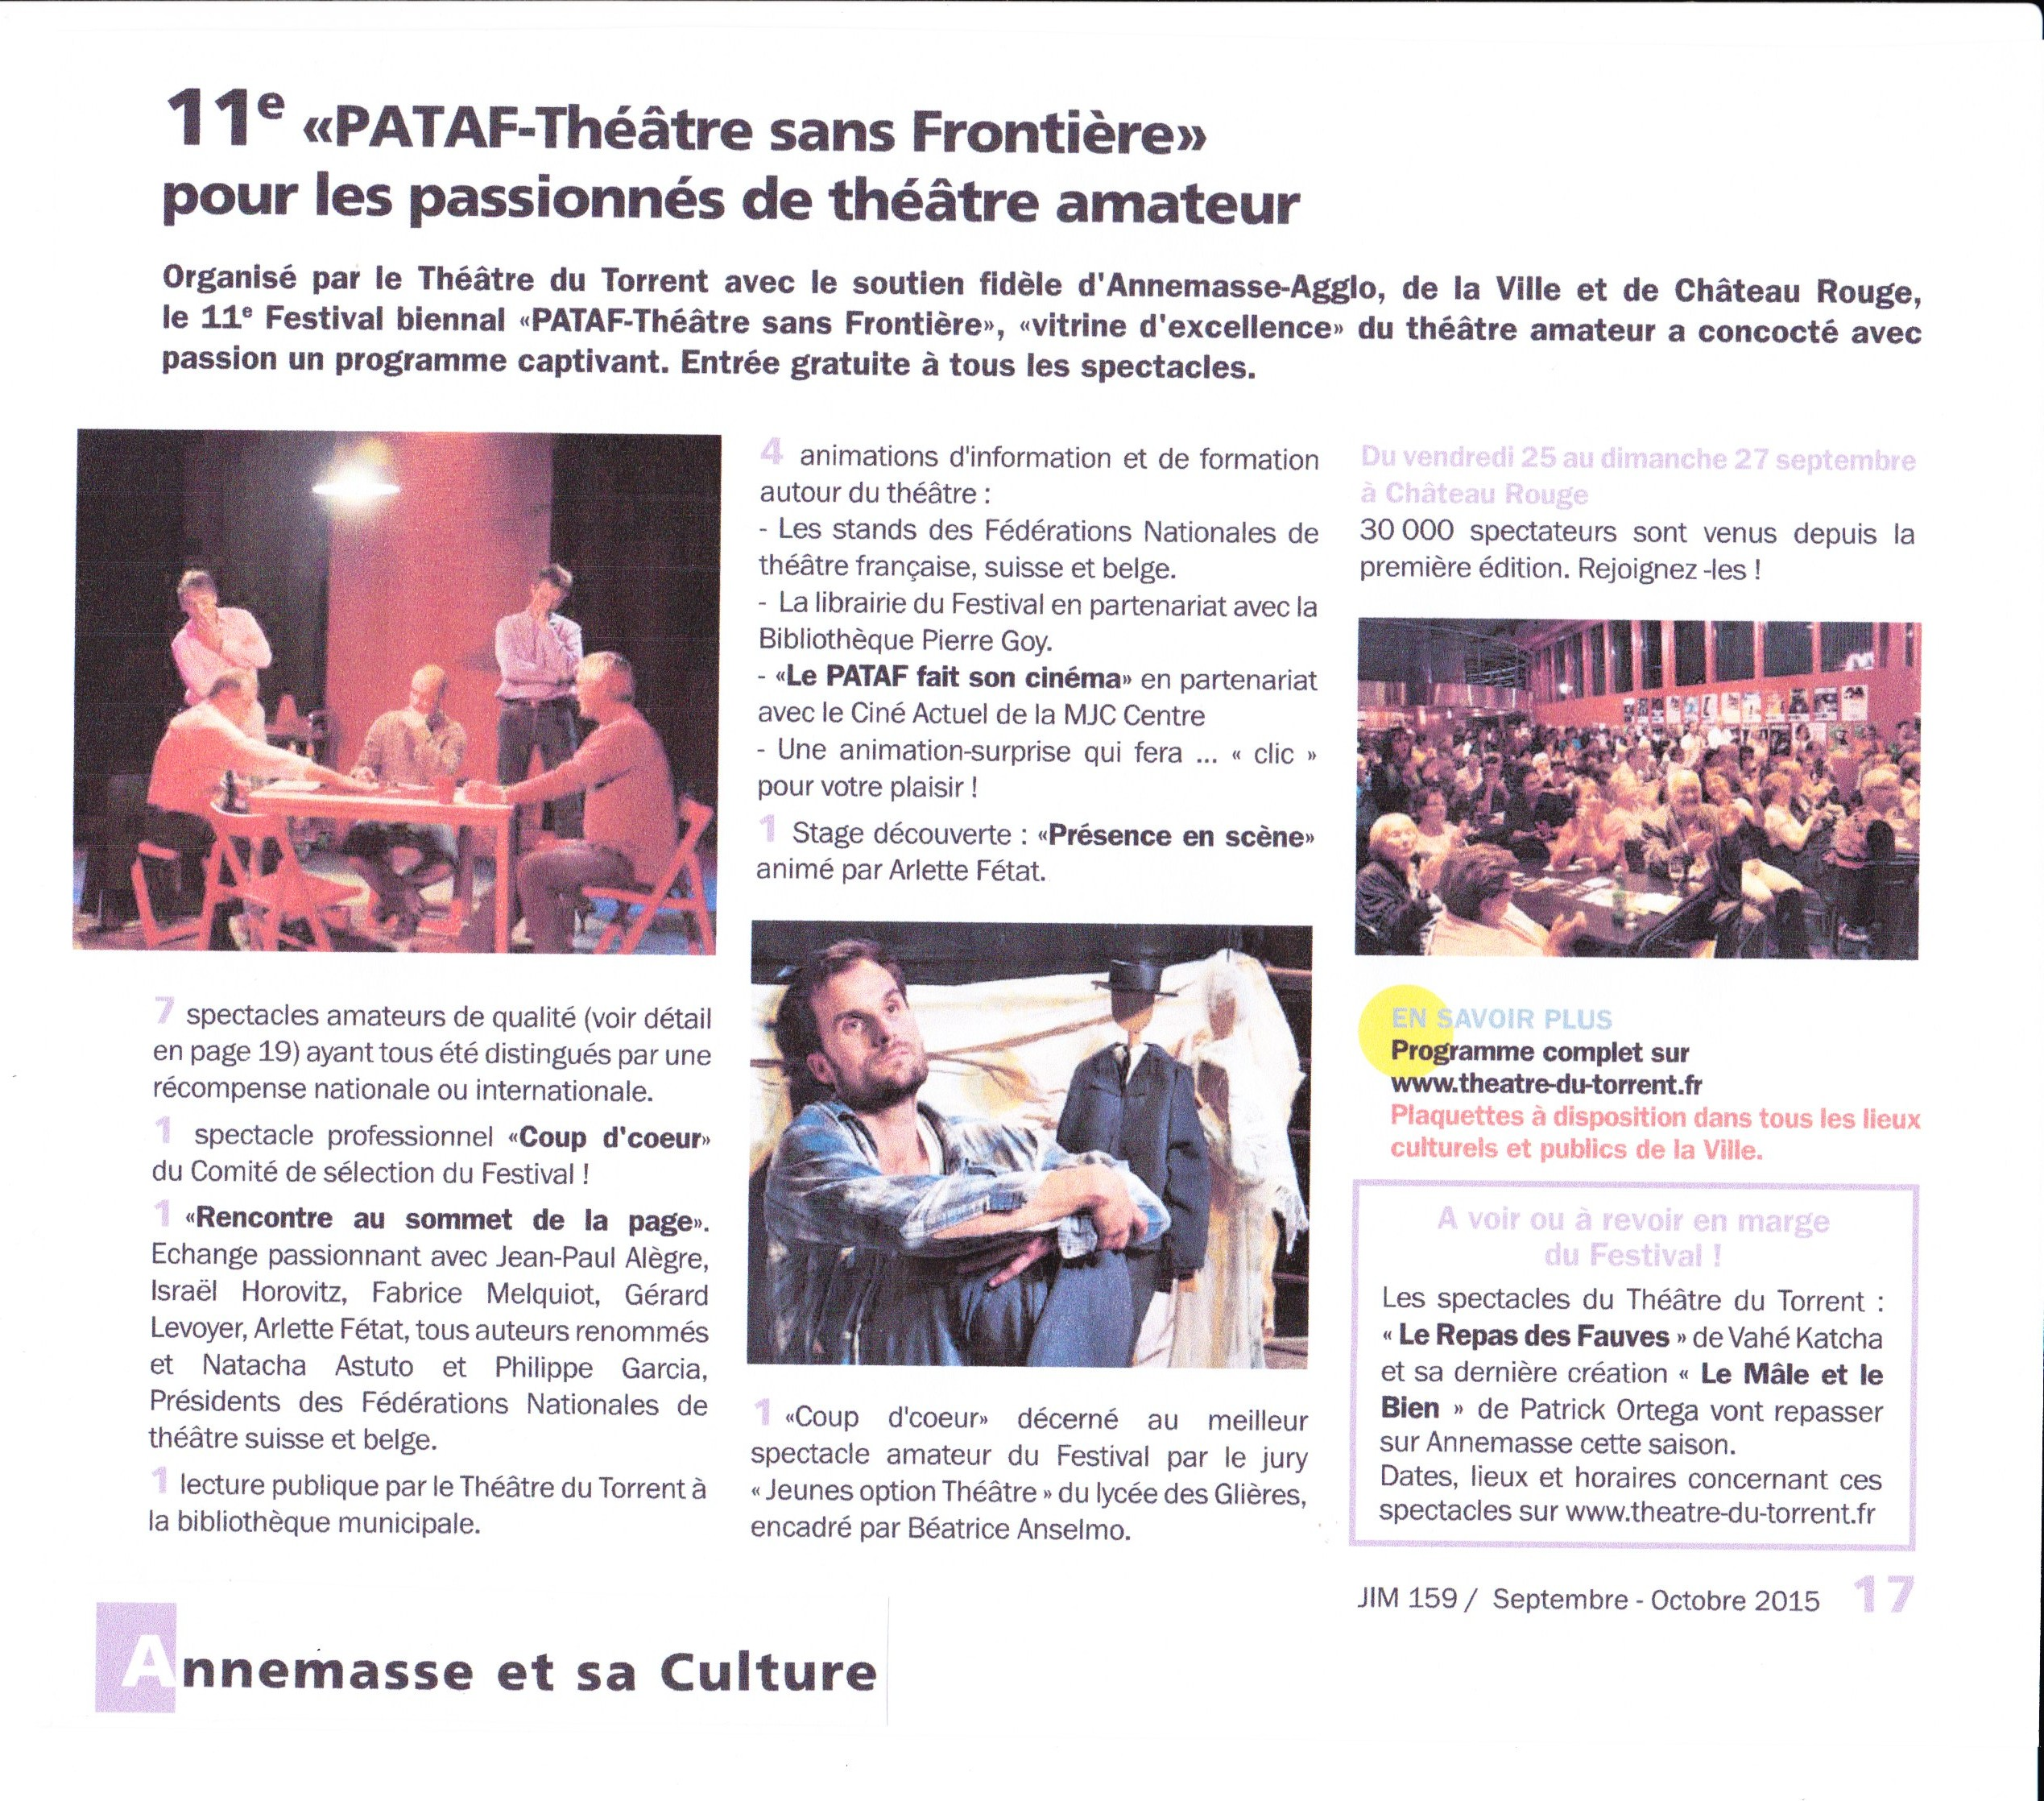 J.I.M. PATAF 2015